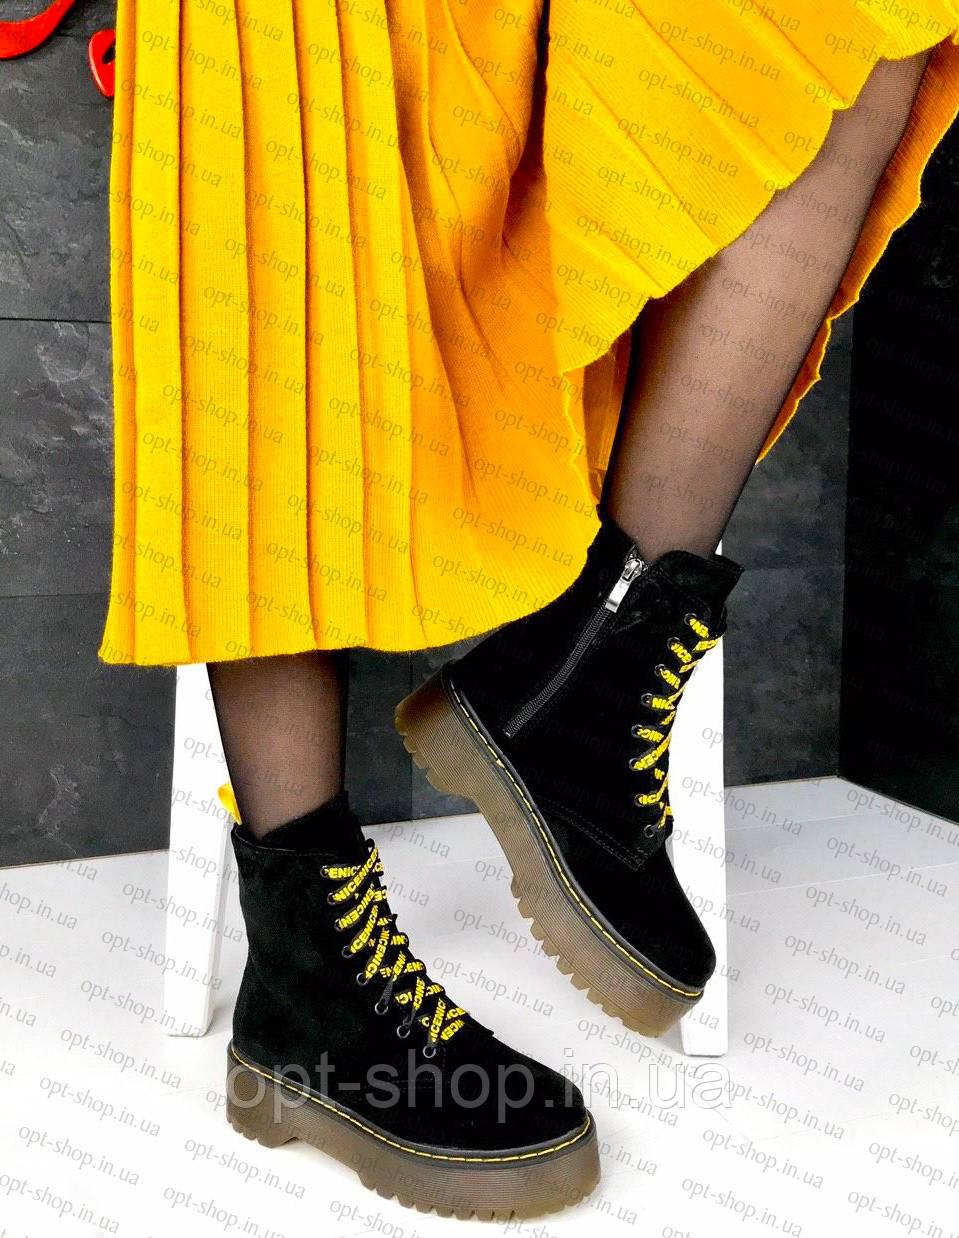 Ботинки женские Dr. Martens копия